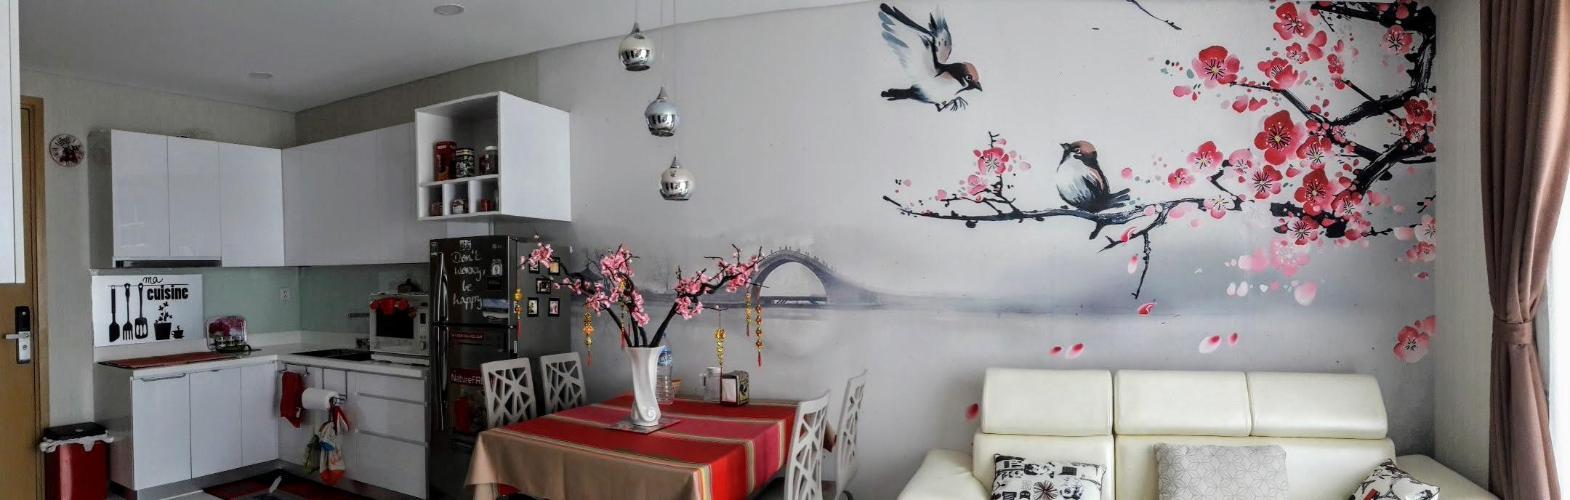 Phòng khách căn hộ AN GIA RIVERSIDE Bán căn hộ An Gia Riverside đầy đủ nội thất tiện nghi.